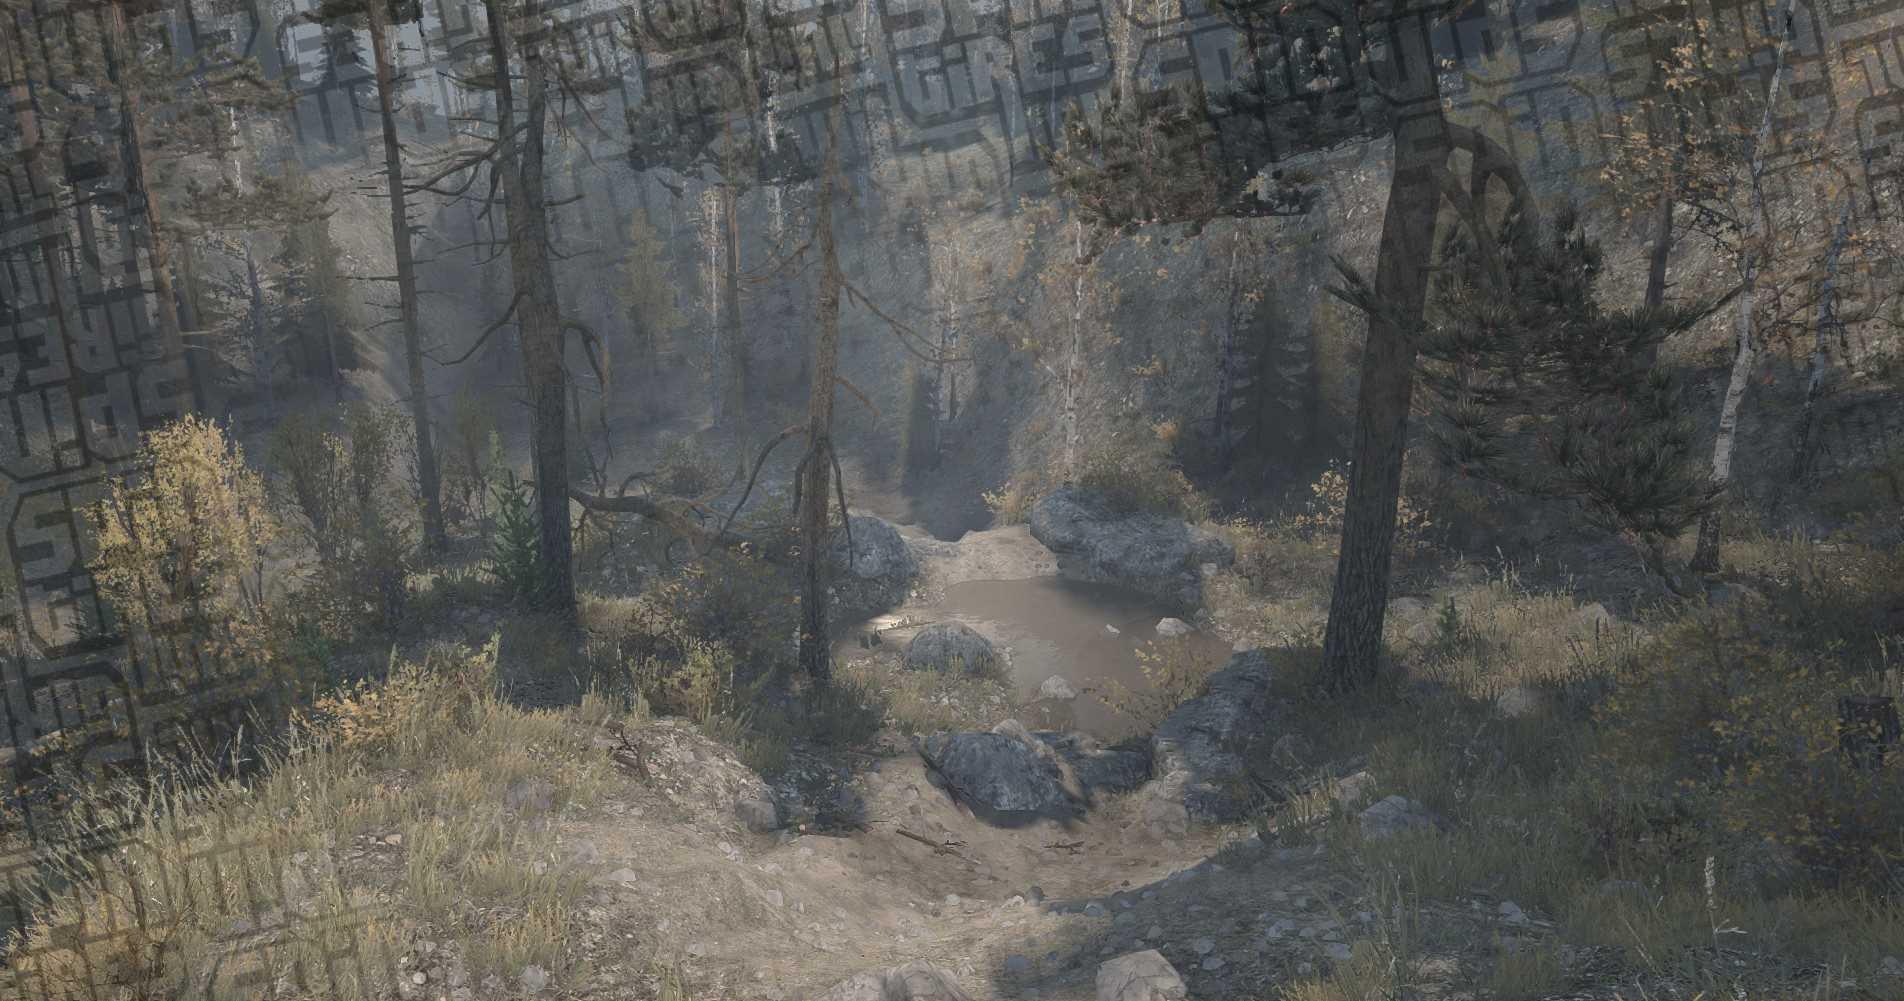 Trail Map Creek Rausch